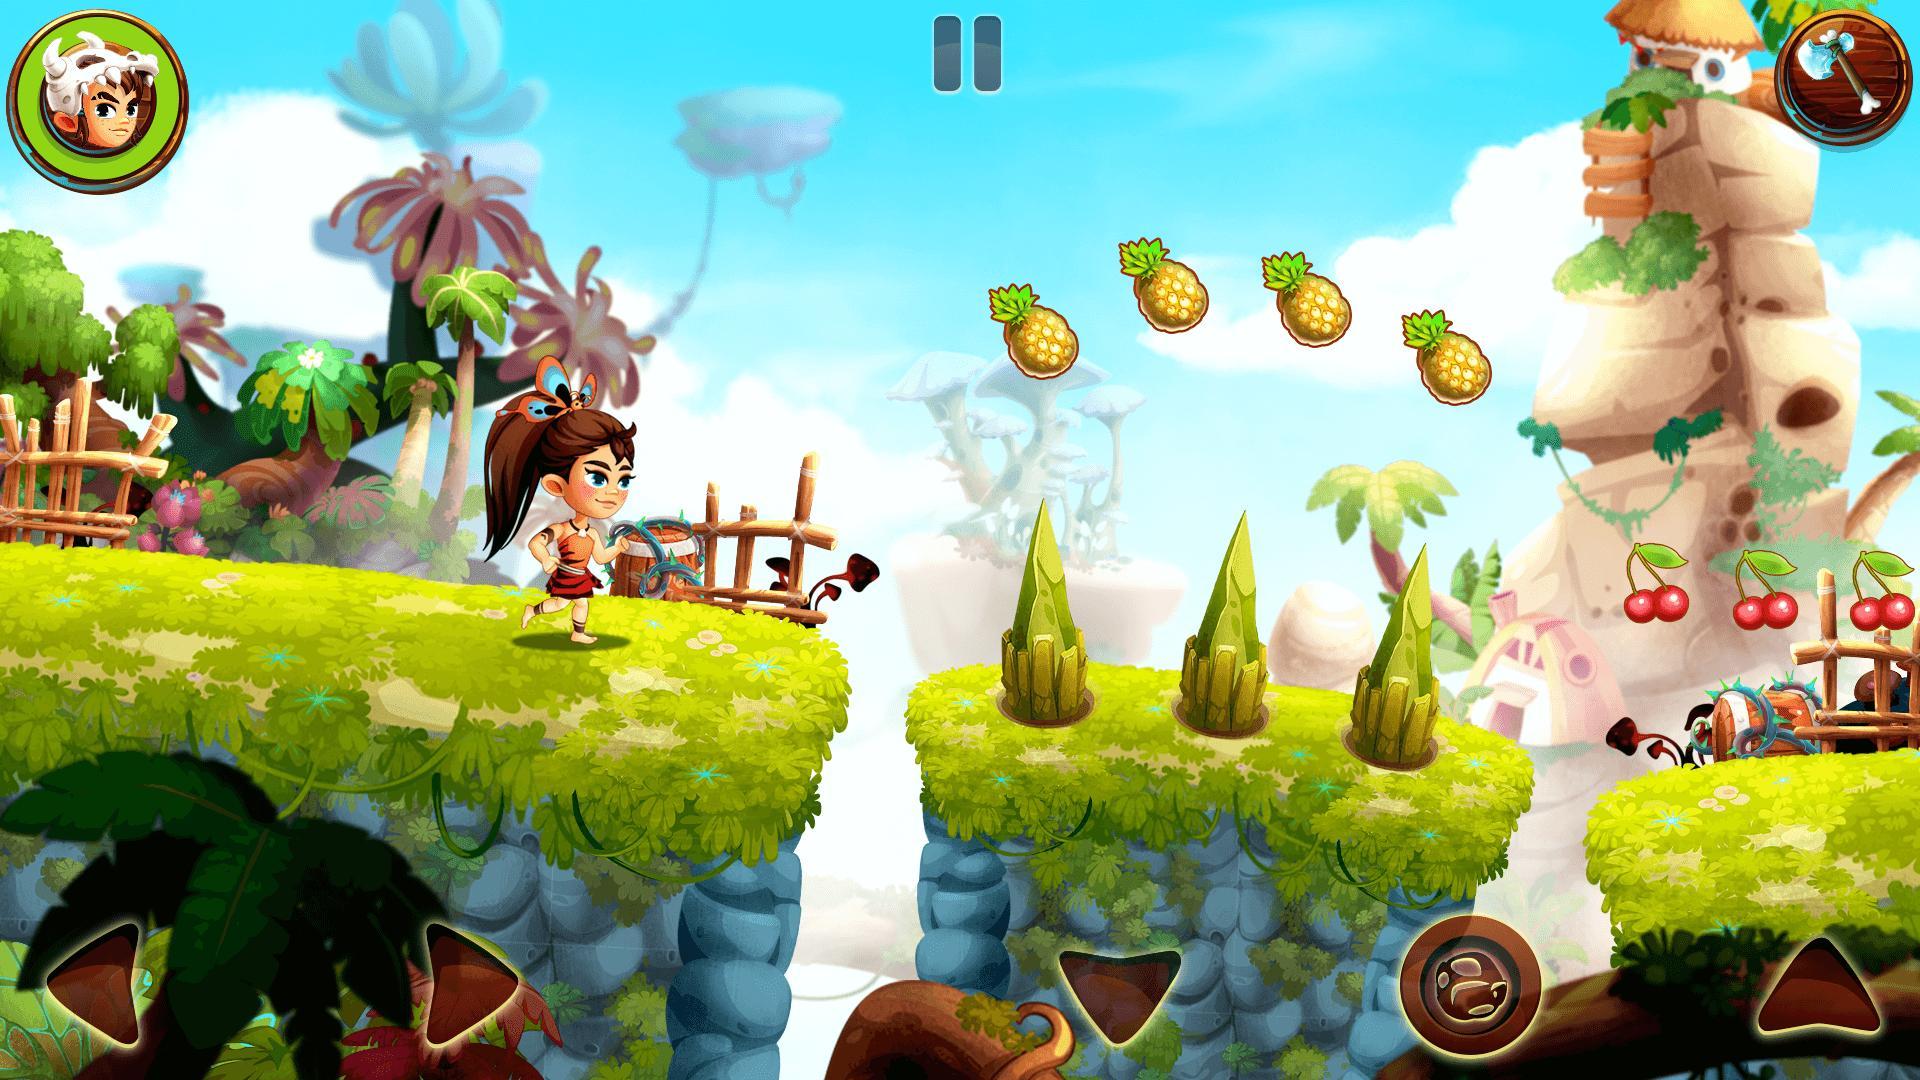 jungle adventures 3 apk mod dinheiro infinito apk mod